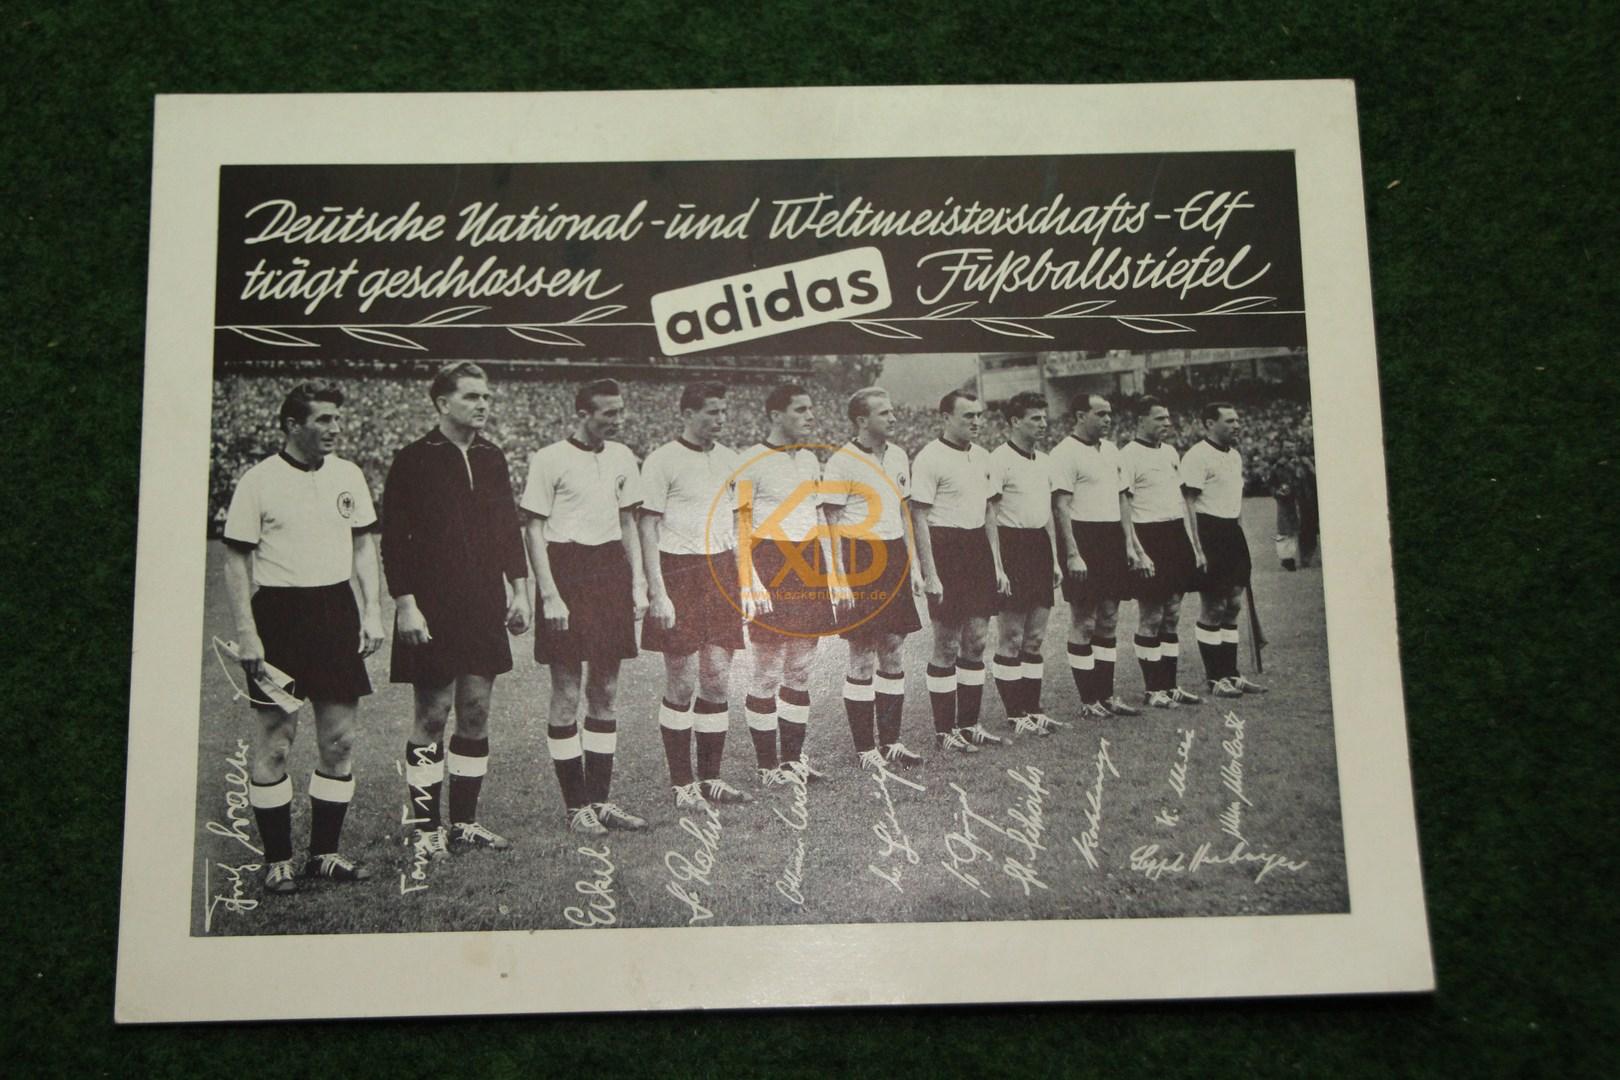 Adidas Werbung mit den Weltmeistern von 1954.